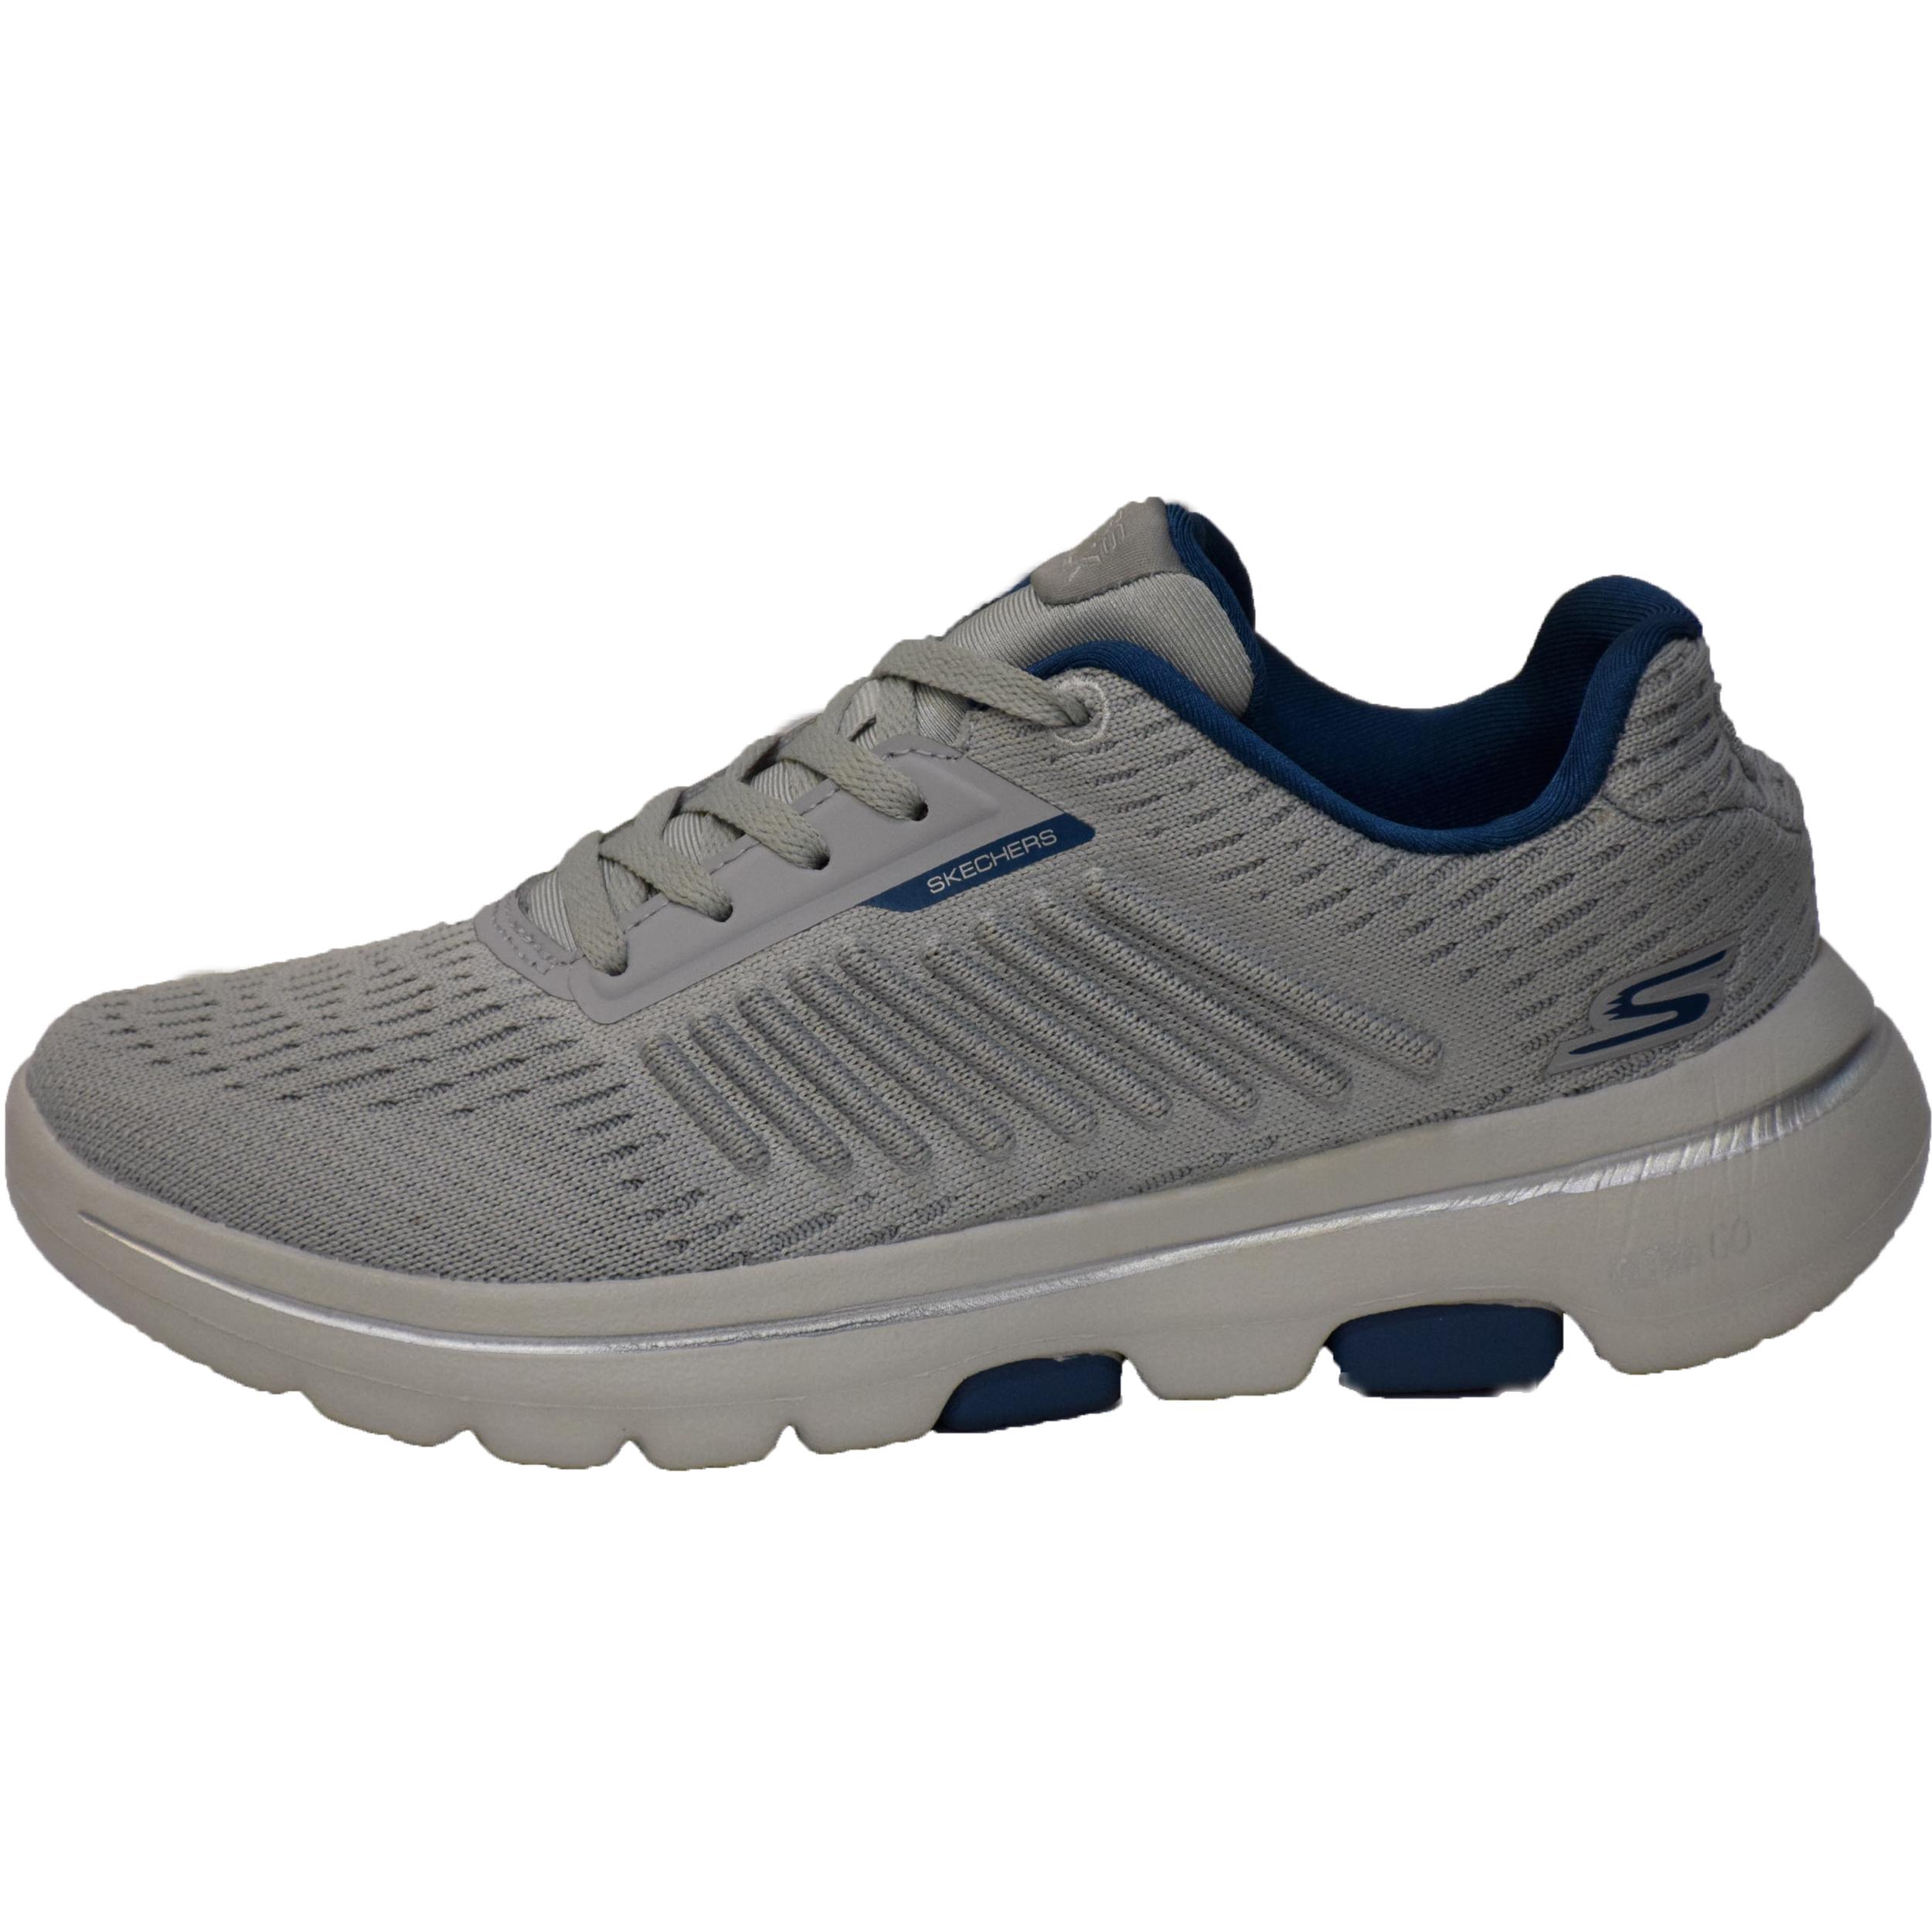 کفش پیاده روی اسکچرز مدل گو واک الترا گو